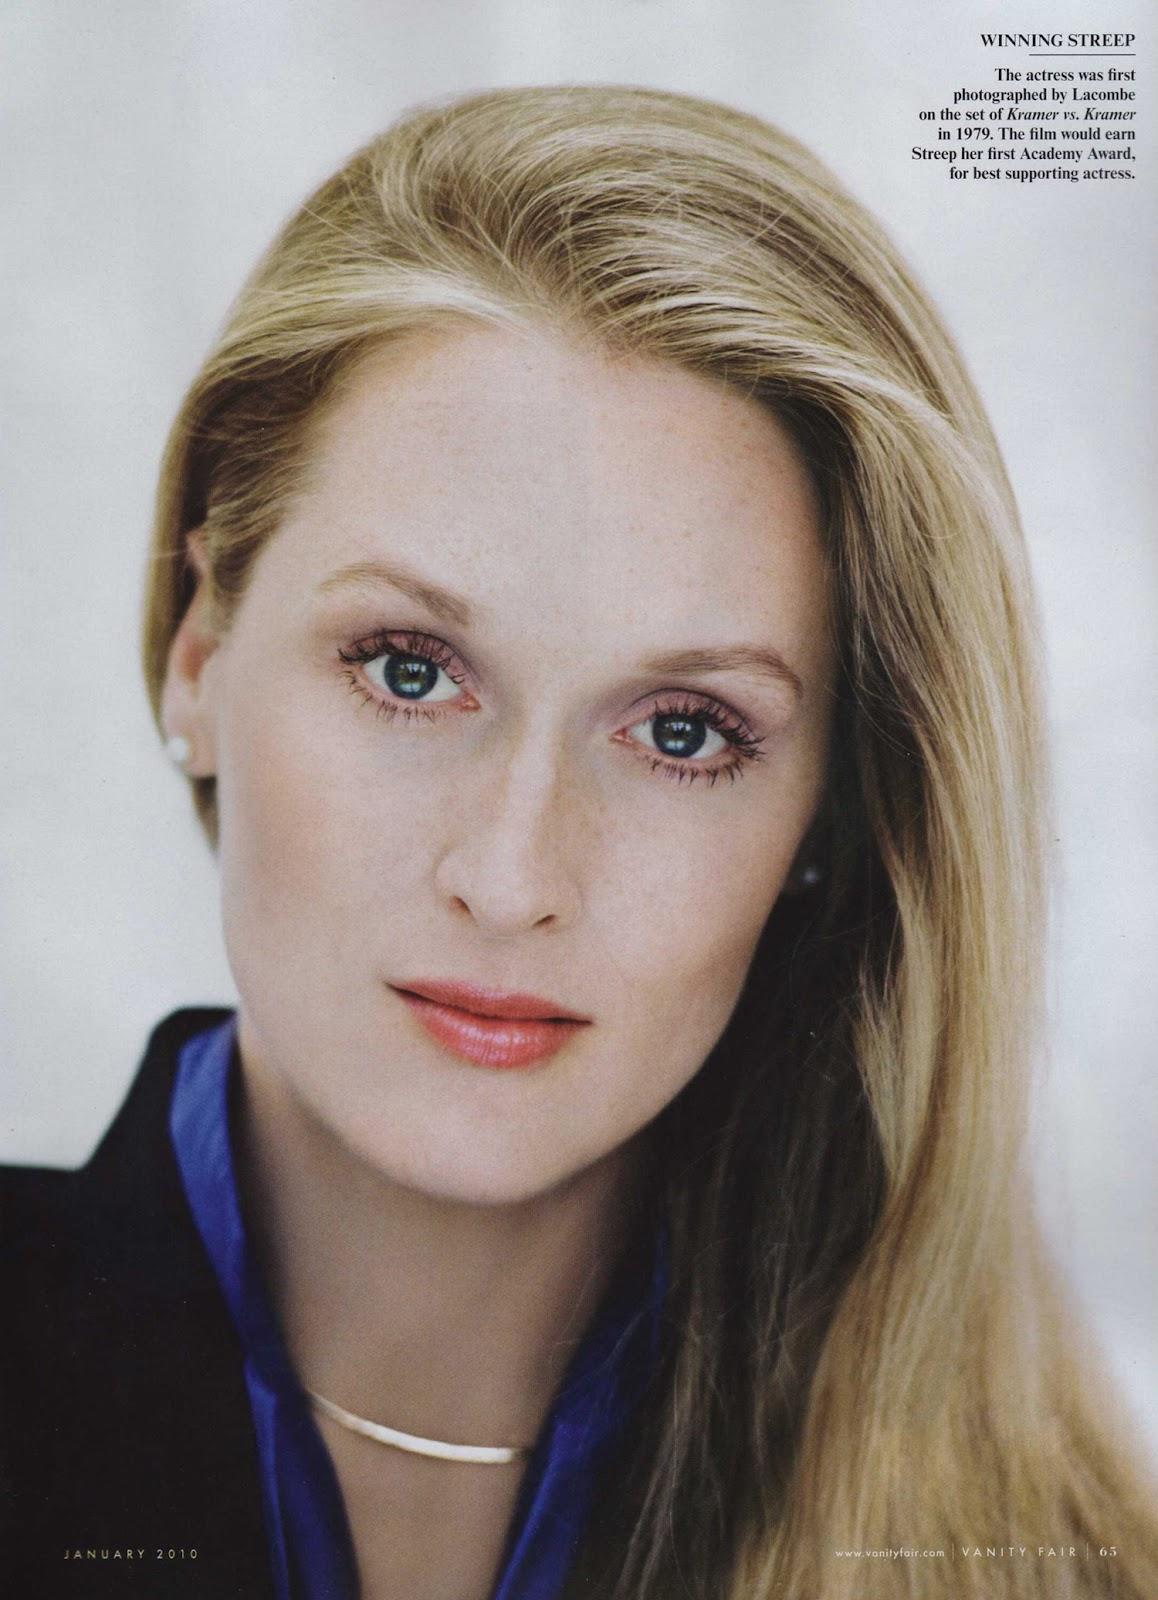 http://2.bp.blogspot.com/-JxpqYEGd7Cc/T8JOKNeJgoI/AAAAAAAAD2I/lcporrBucIA/s1600/Meryl+Streep+15.jpg